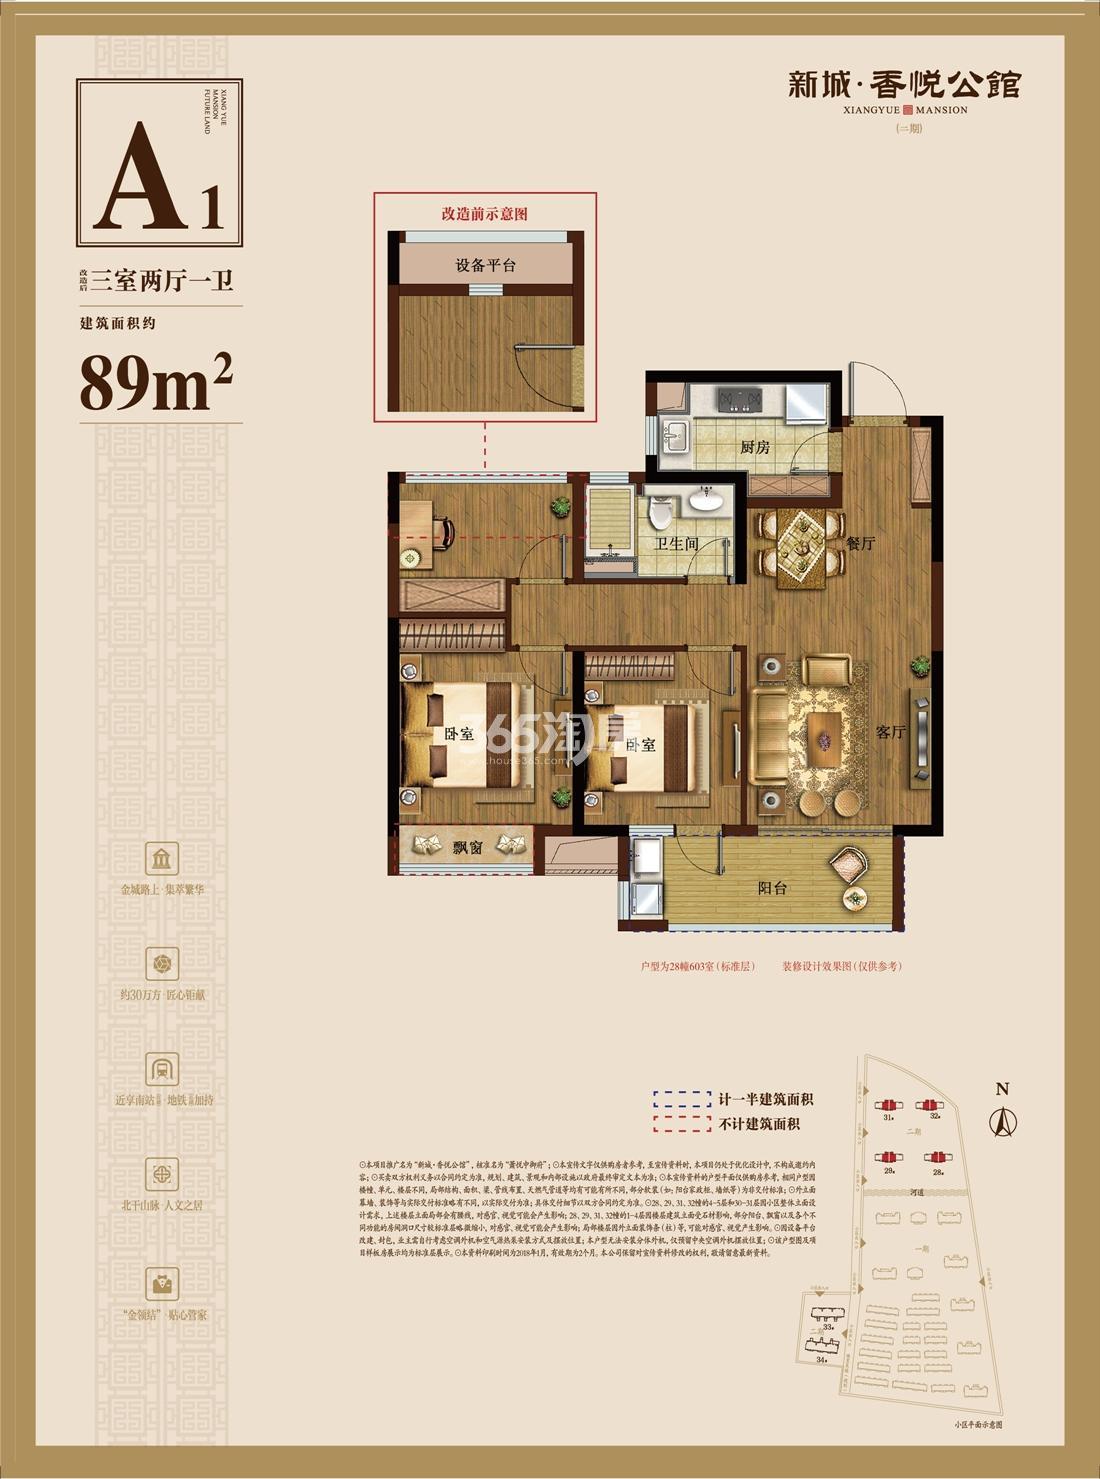 新城香悦公馆二期高层A1户型89方(28、29、31、32#)